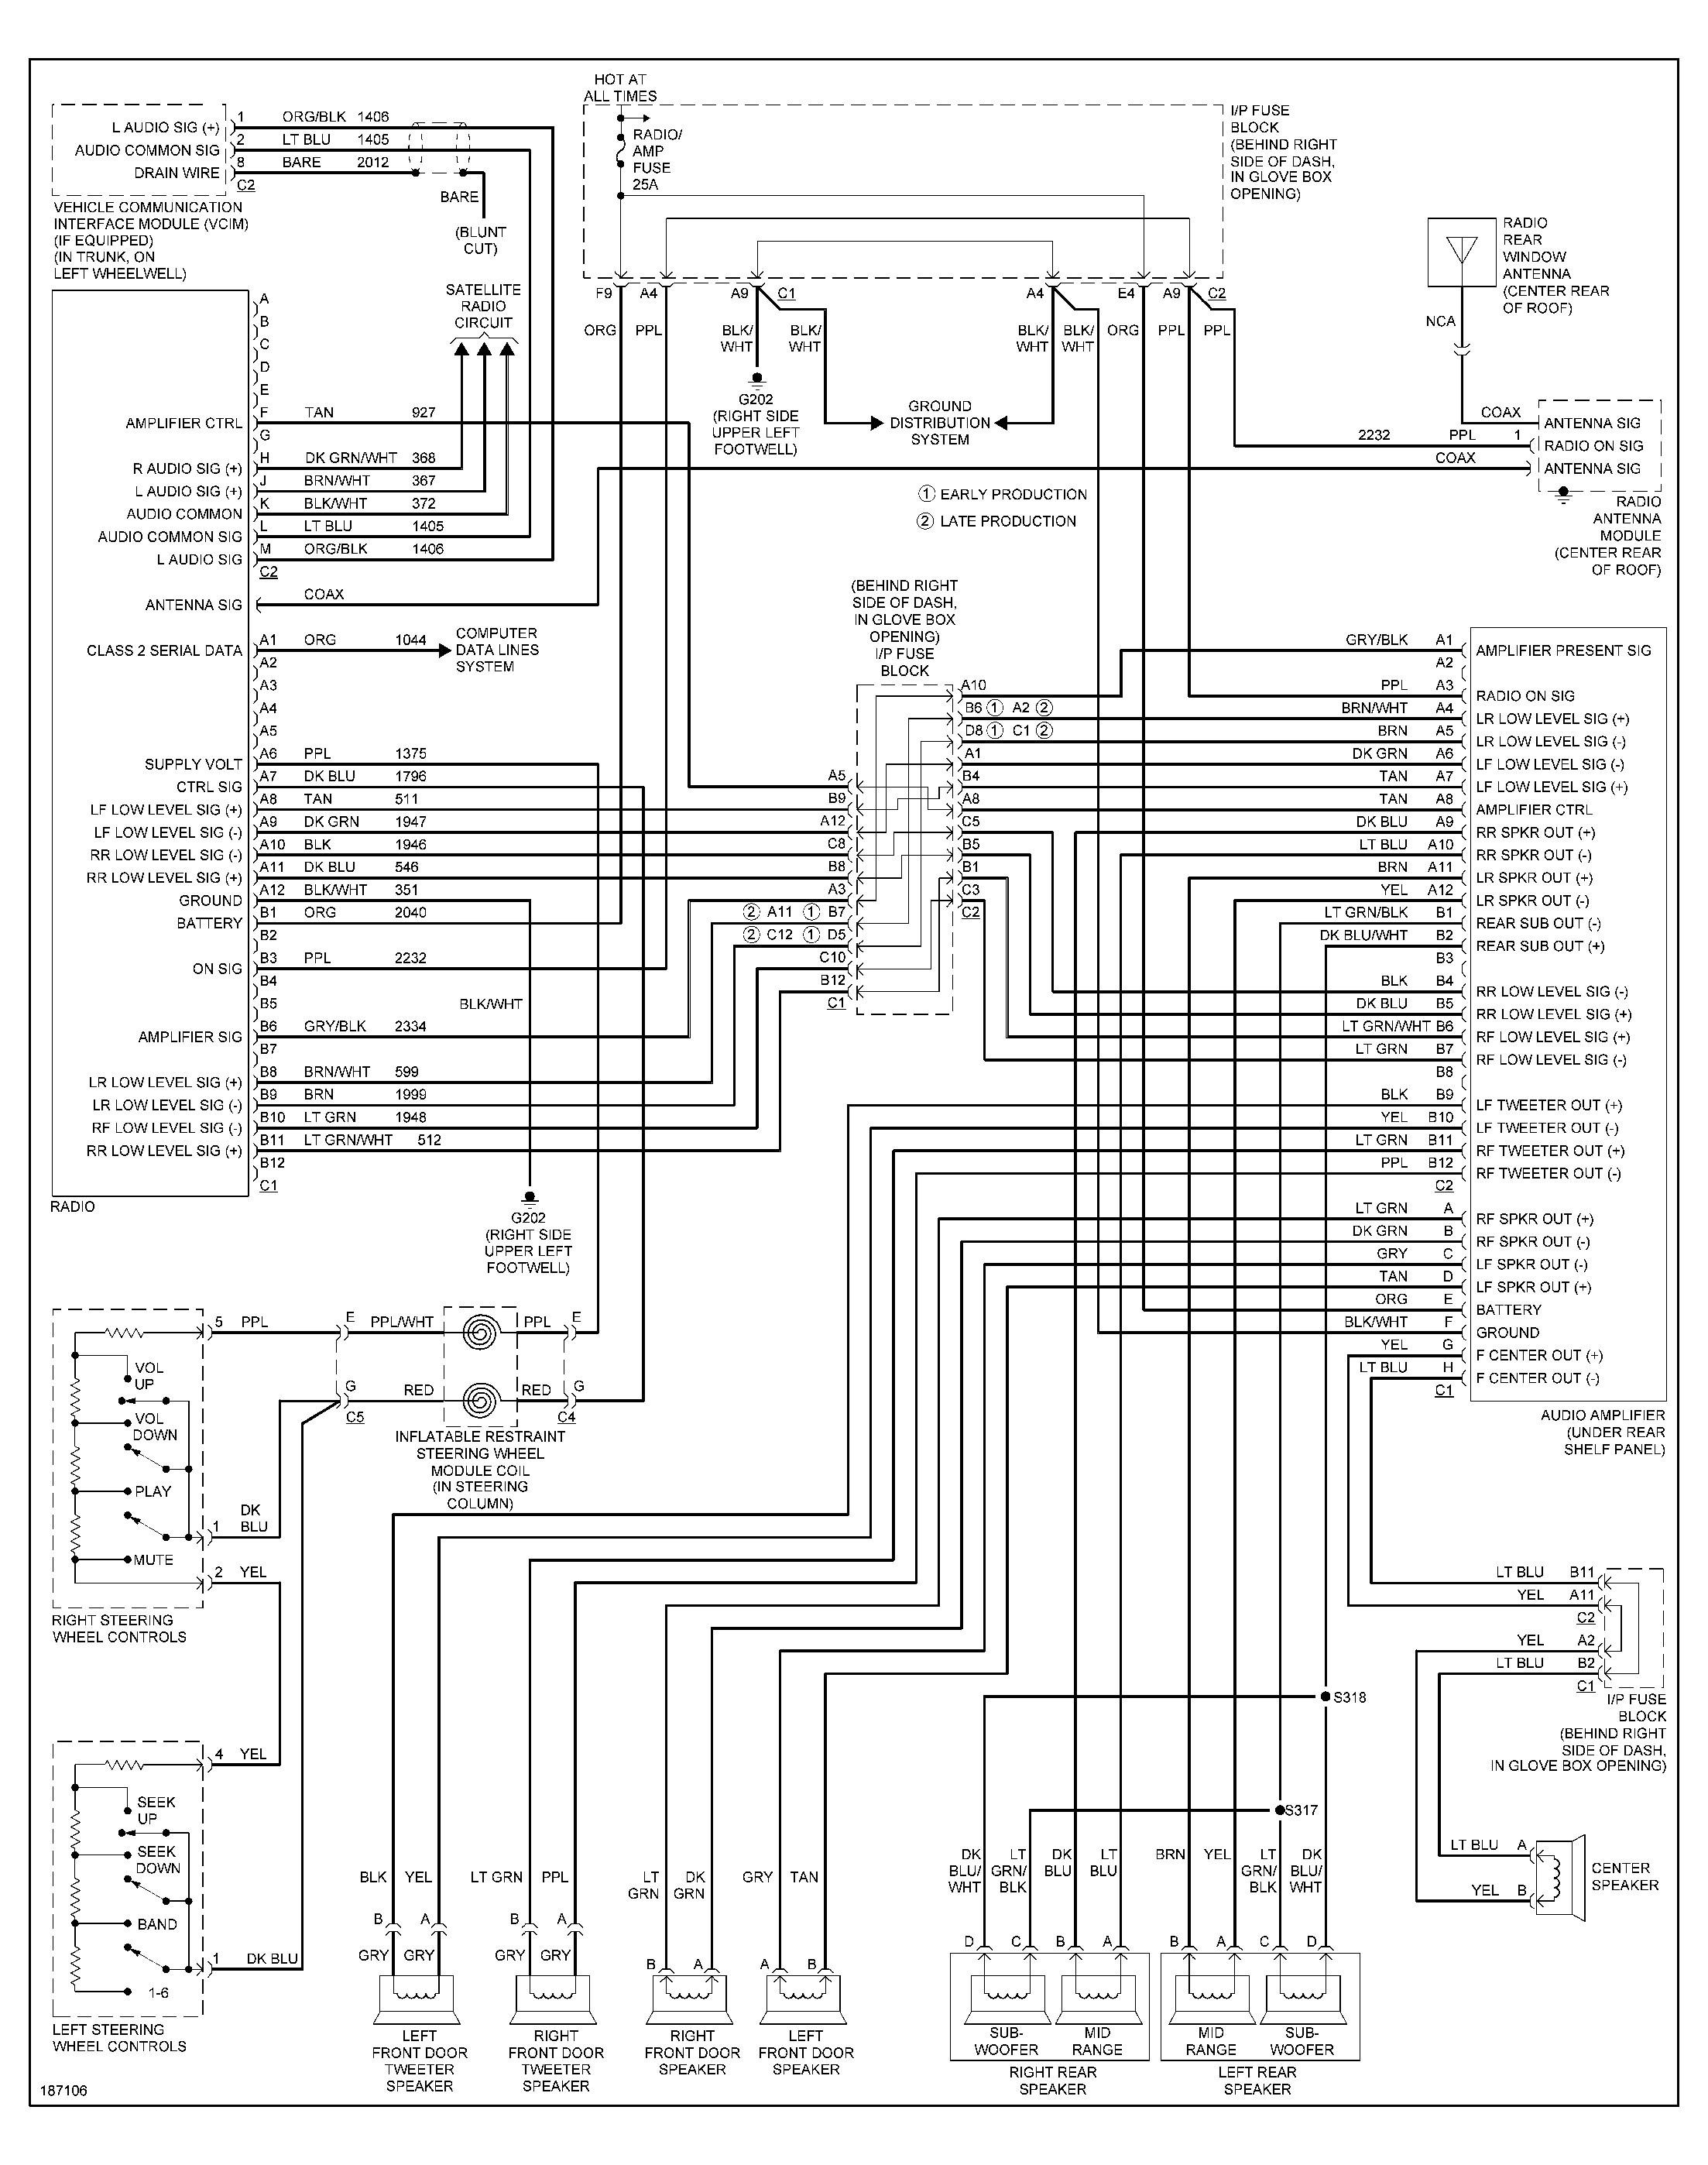 2 Ecotech Wiring Diagram | Wiring Diagram Ebook